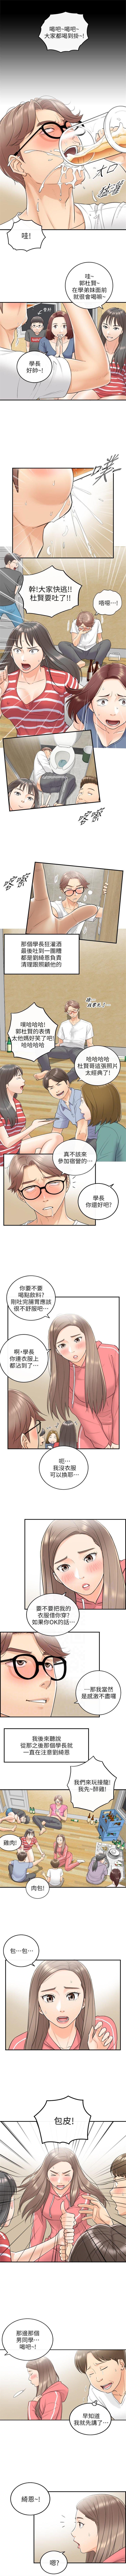 (週5)正妹小主管 1-39 中文翻譯(更新中) 48